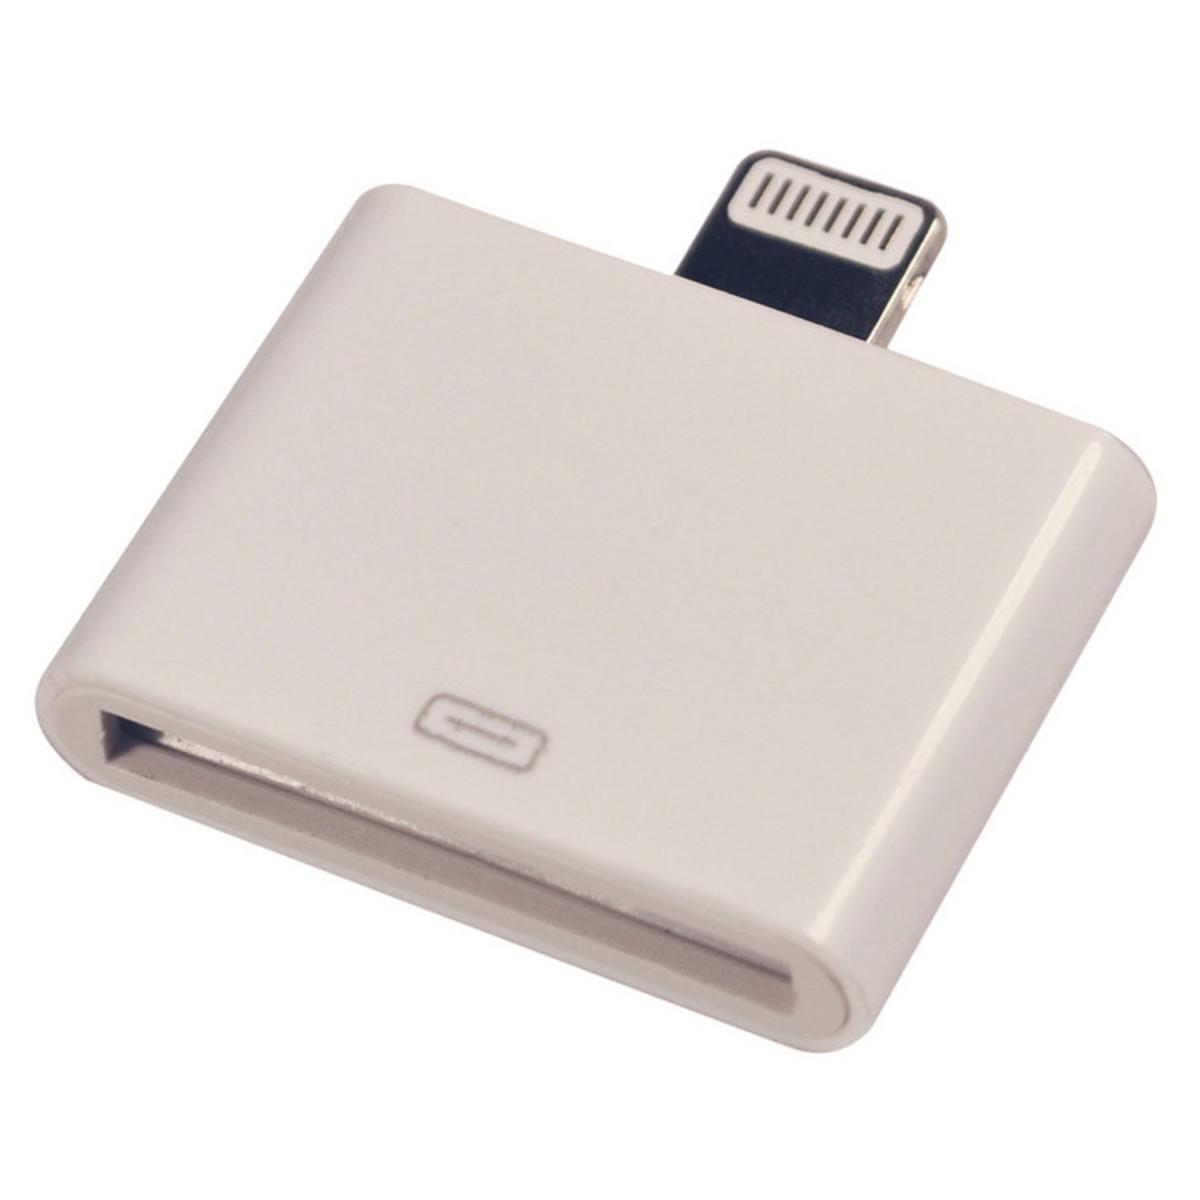 Lyn Adapter For IPhone/iPod/iPad Mini